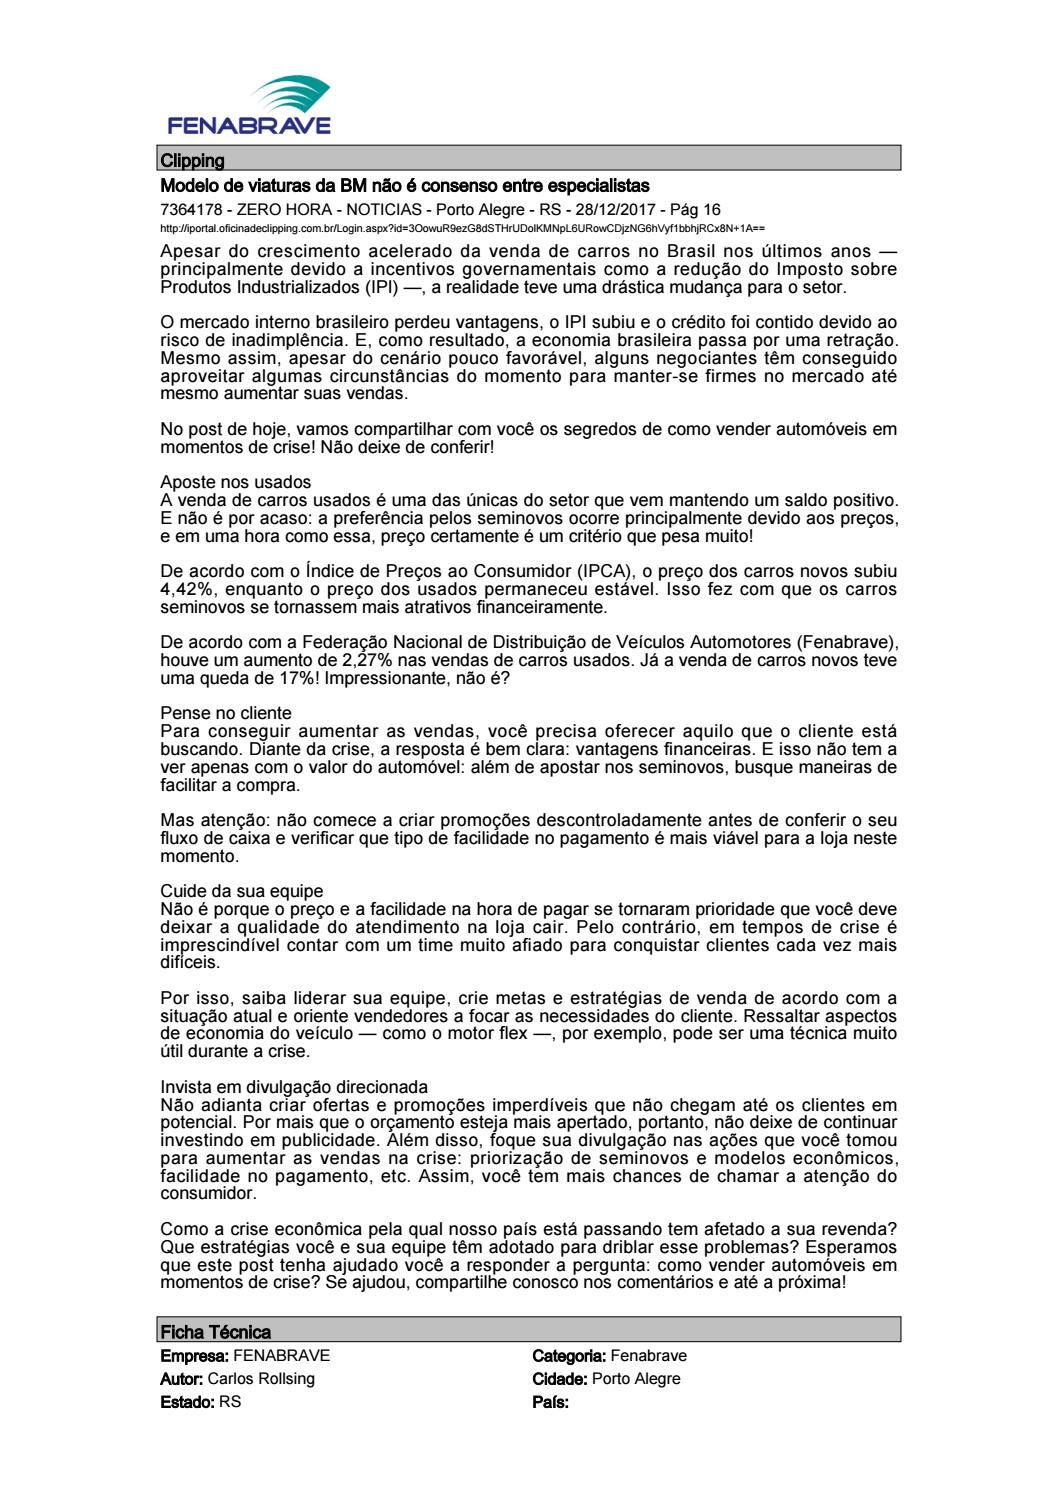 21d076a67bc Clipping Fenabrave 28.12.2017 by MCE Comunicação - issuu